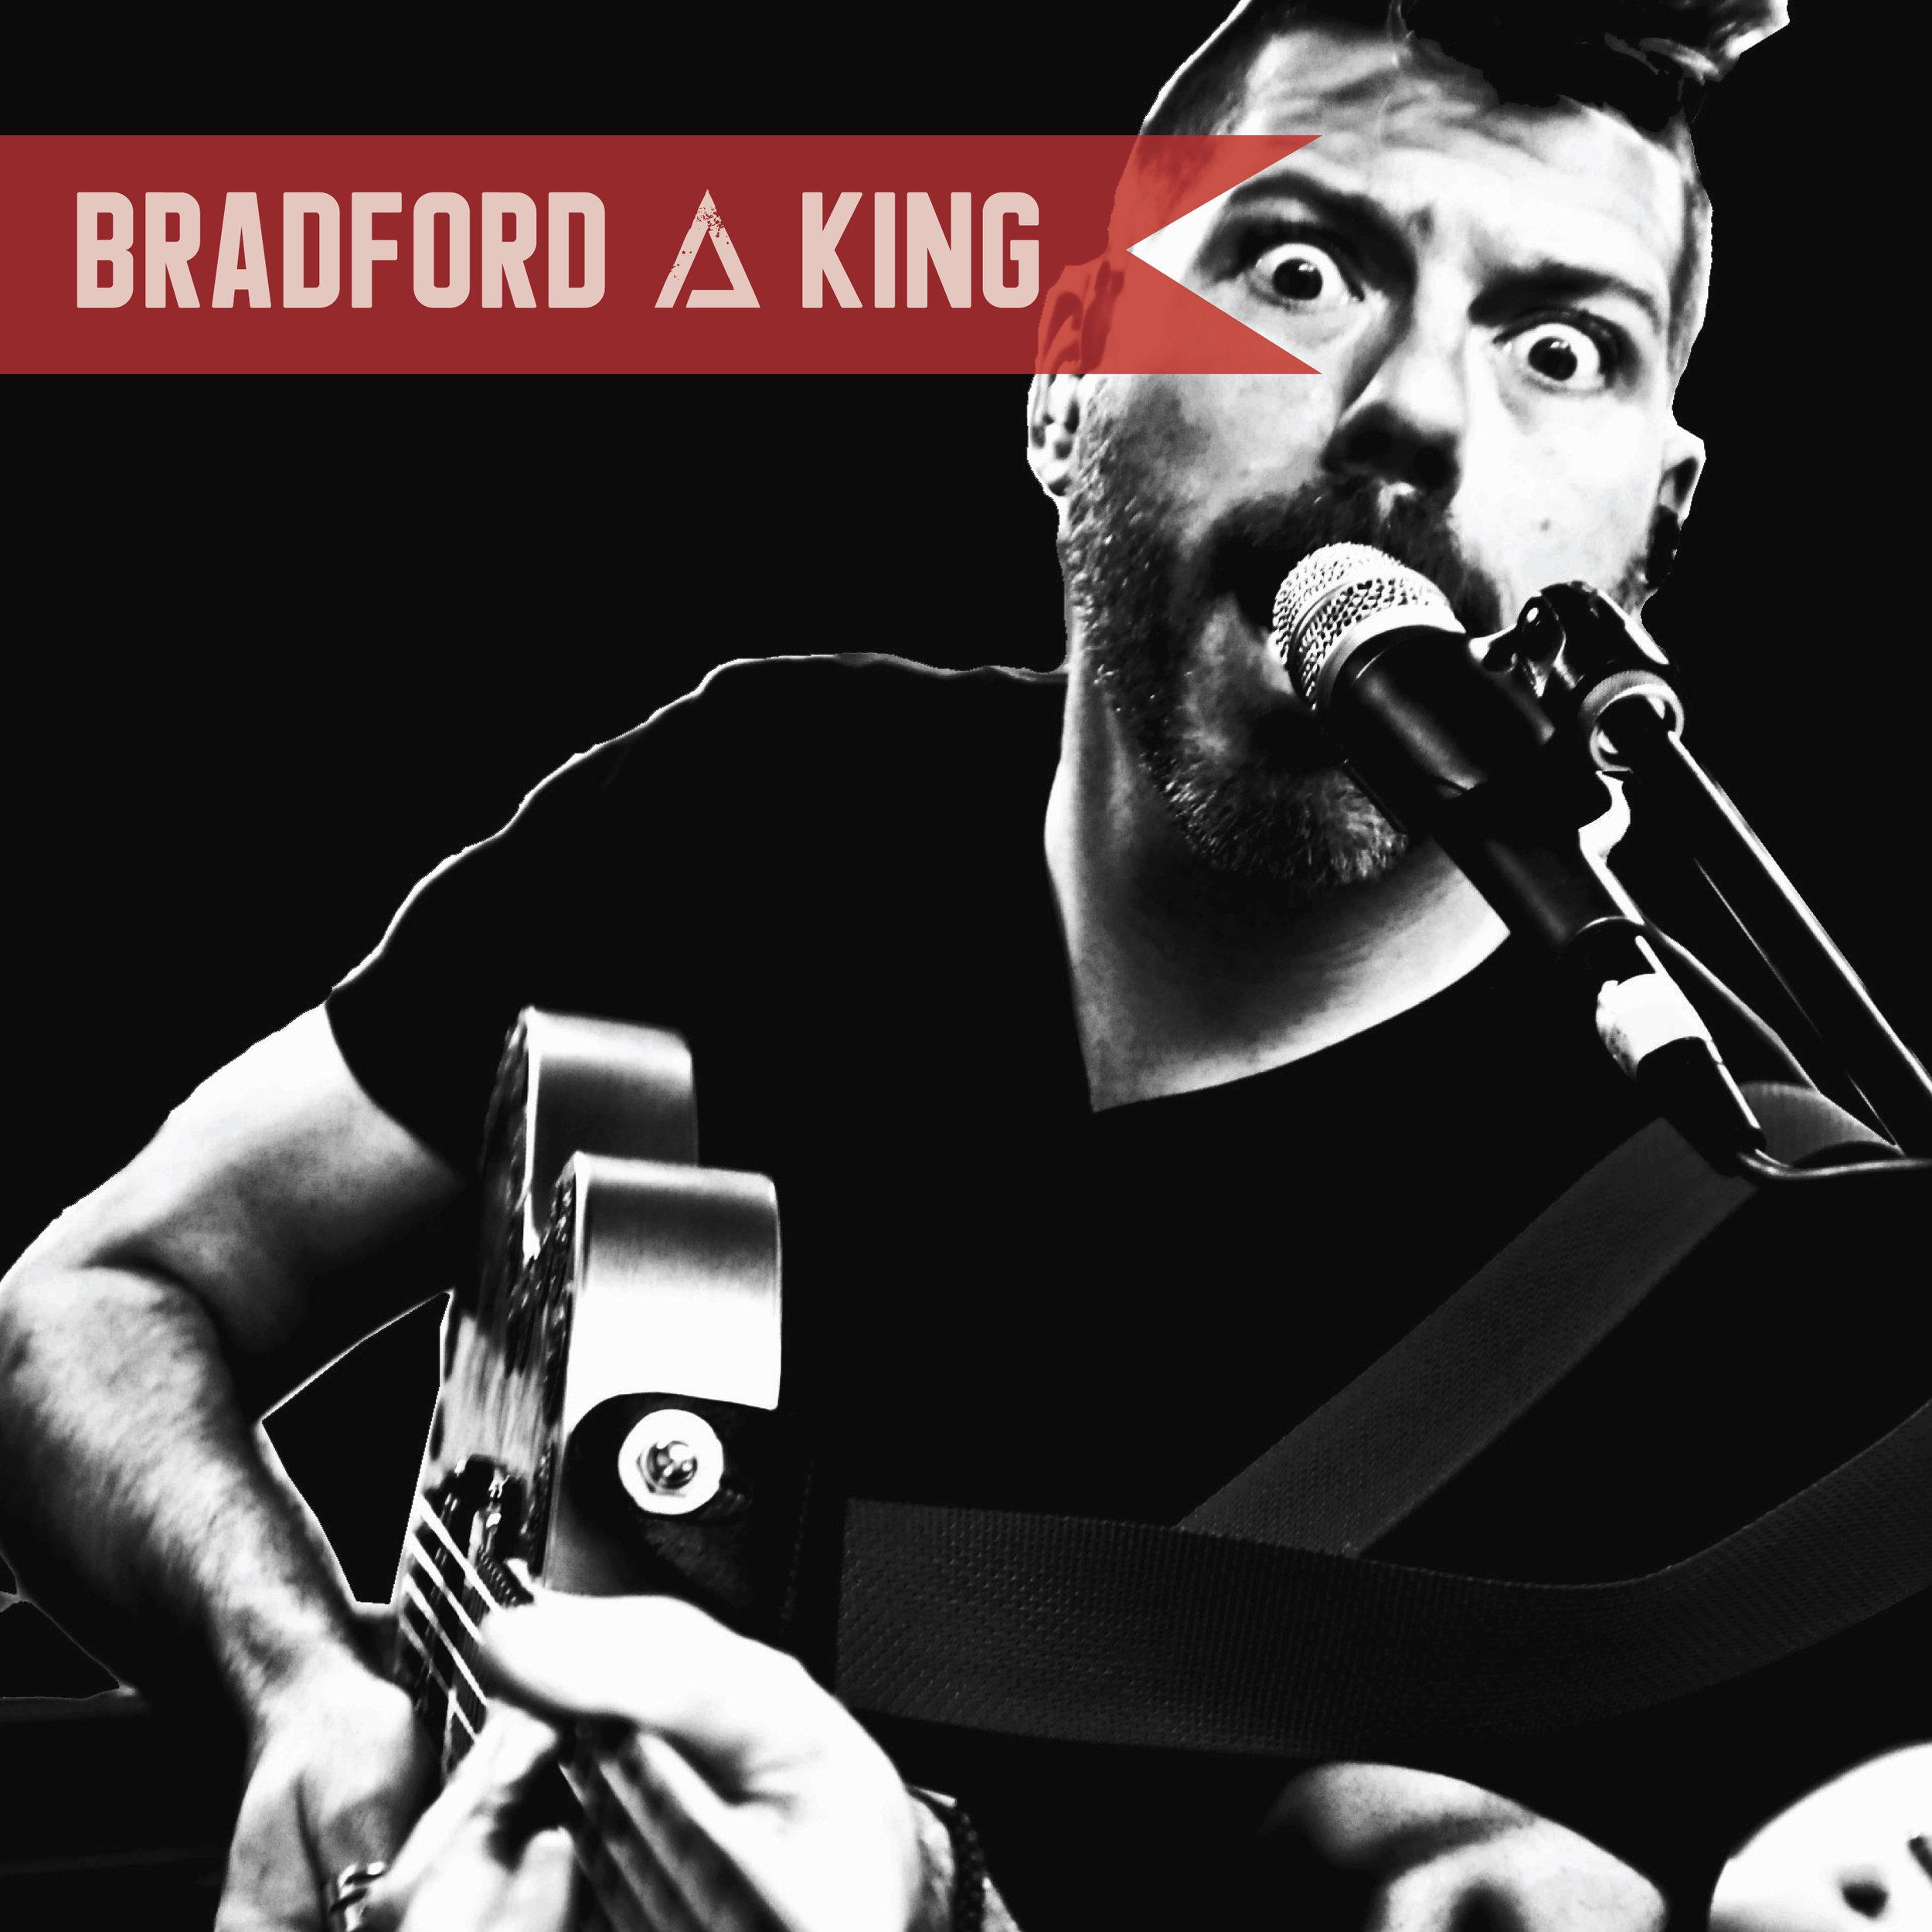 BradfordAKing.jpg